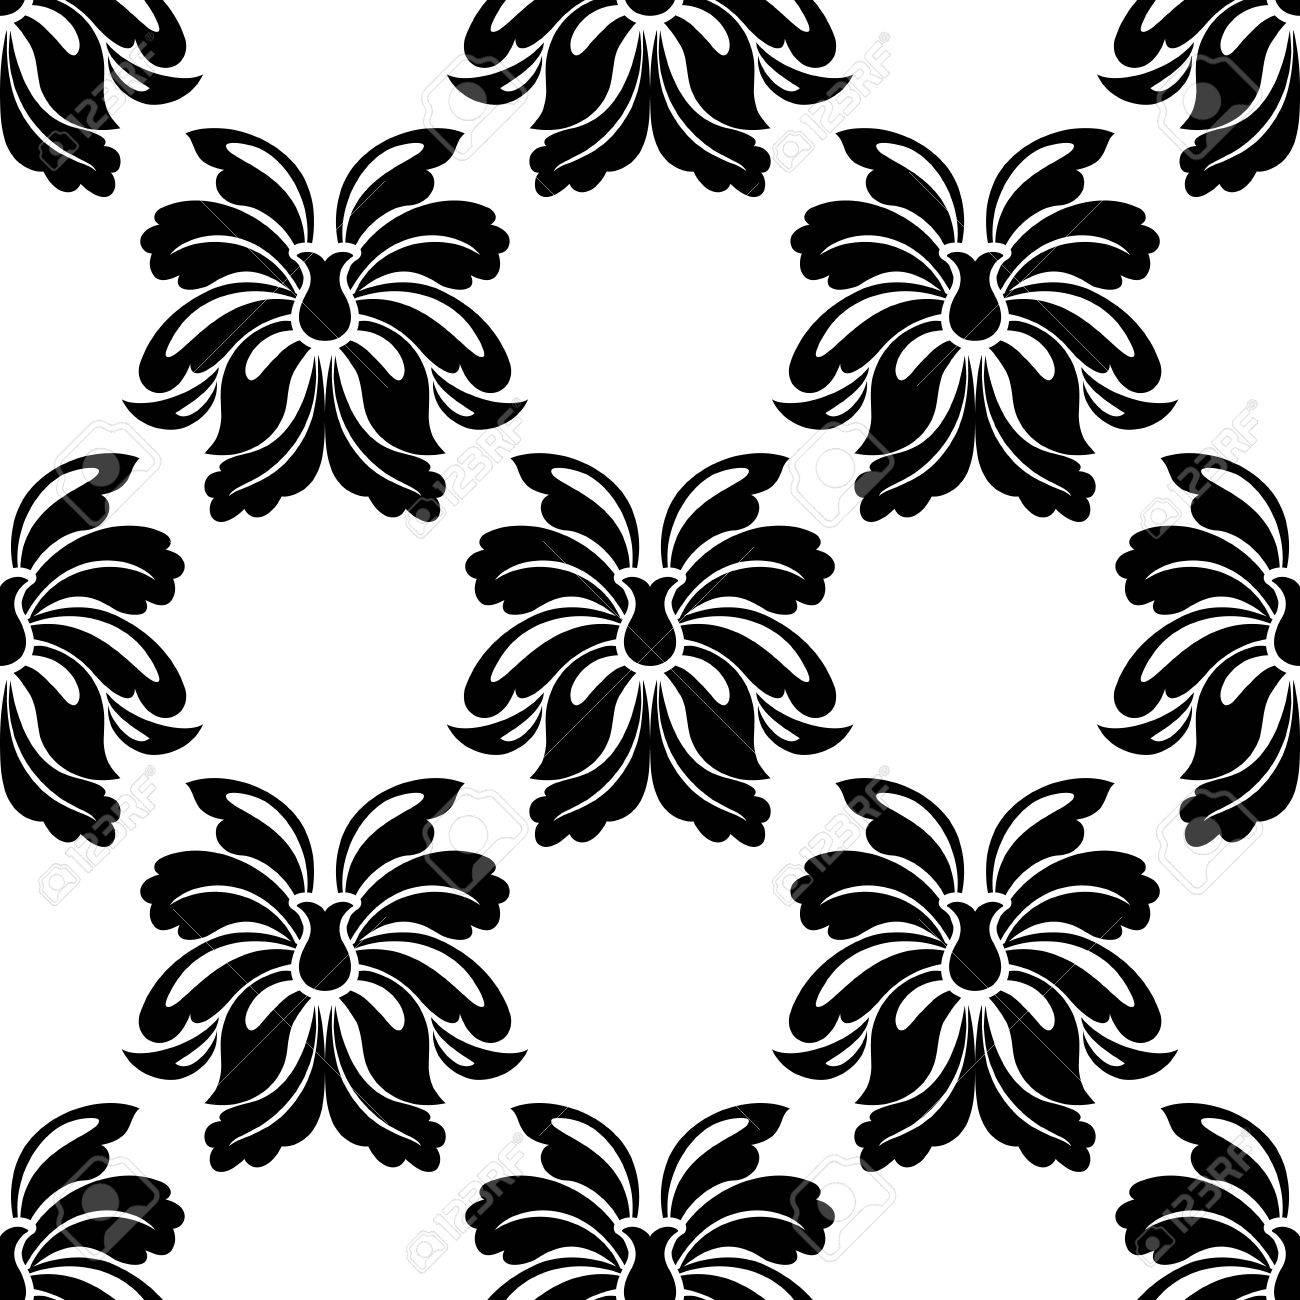 Seamless Floral Pattern En Noir Et Blanc Avec Un Dessin De Répétition De Grandes Fleurs Tropicales Simples Décoratifs Illustration Vectorielle